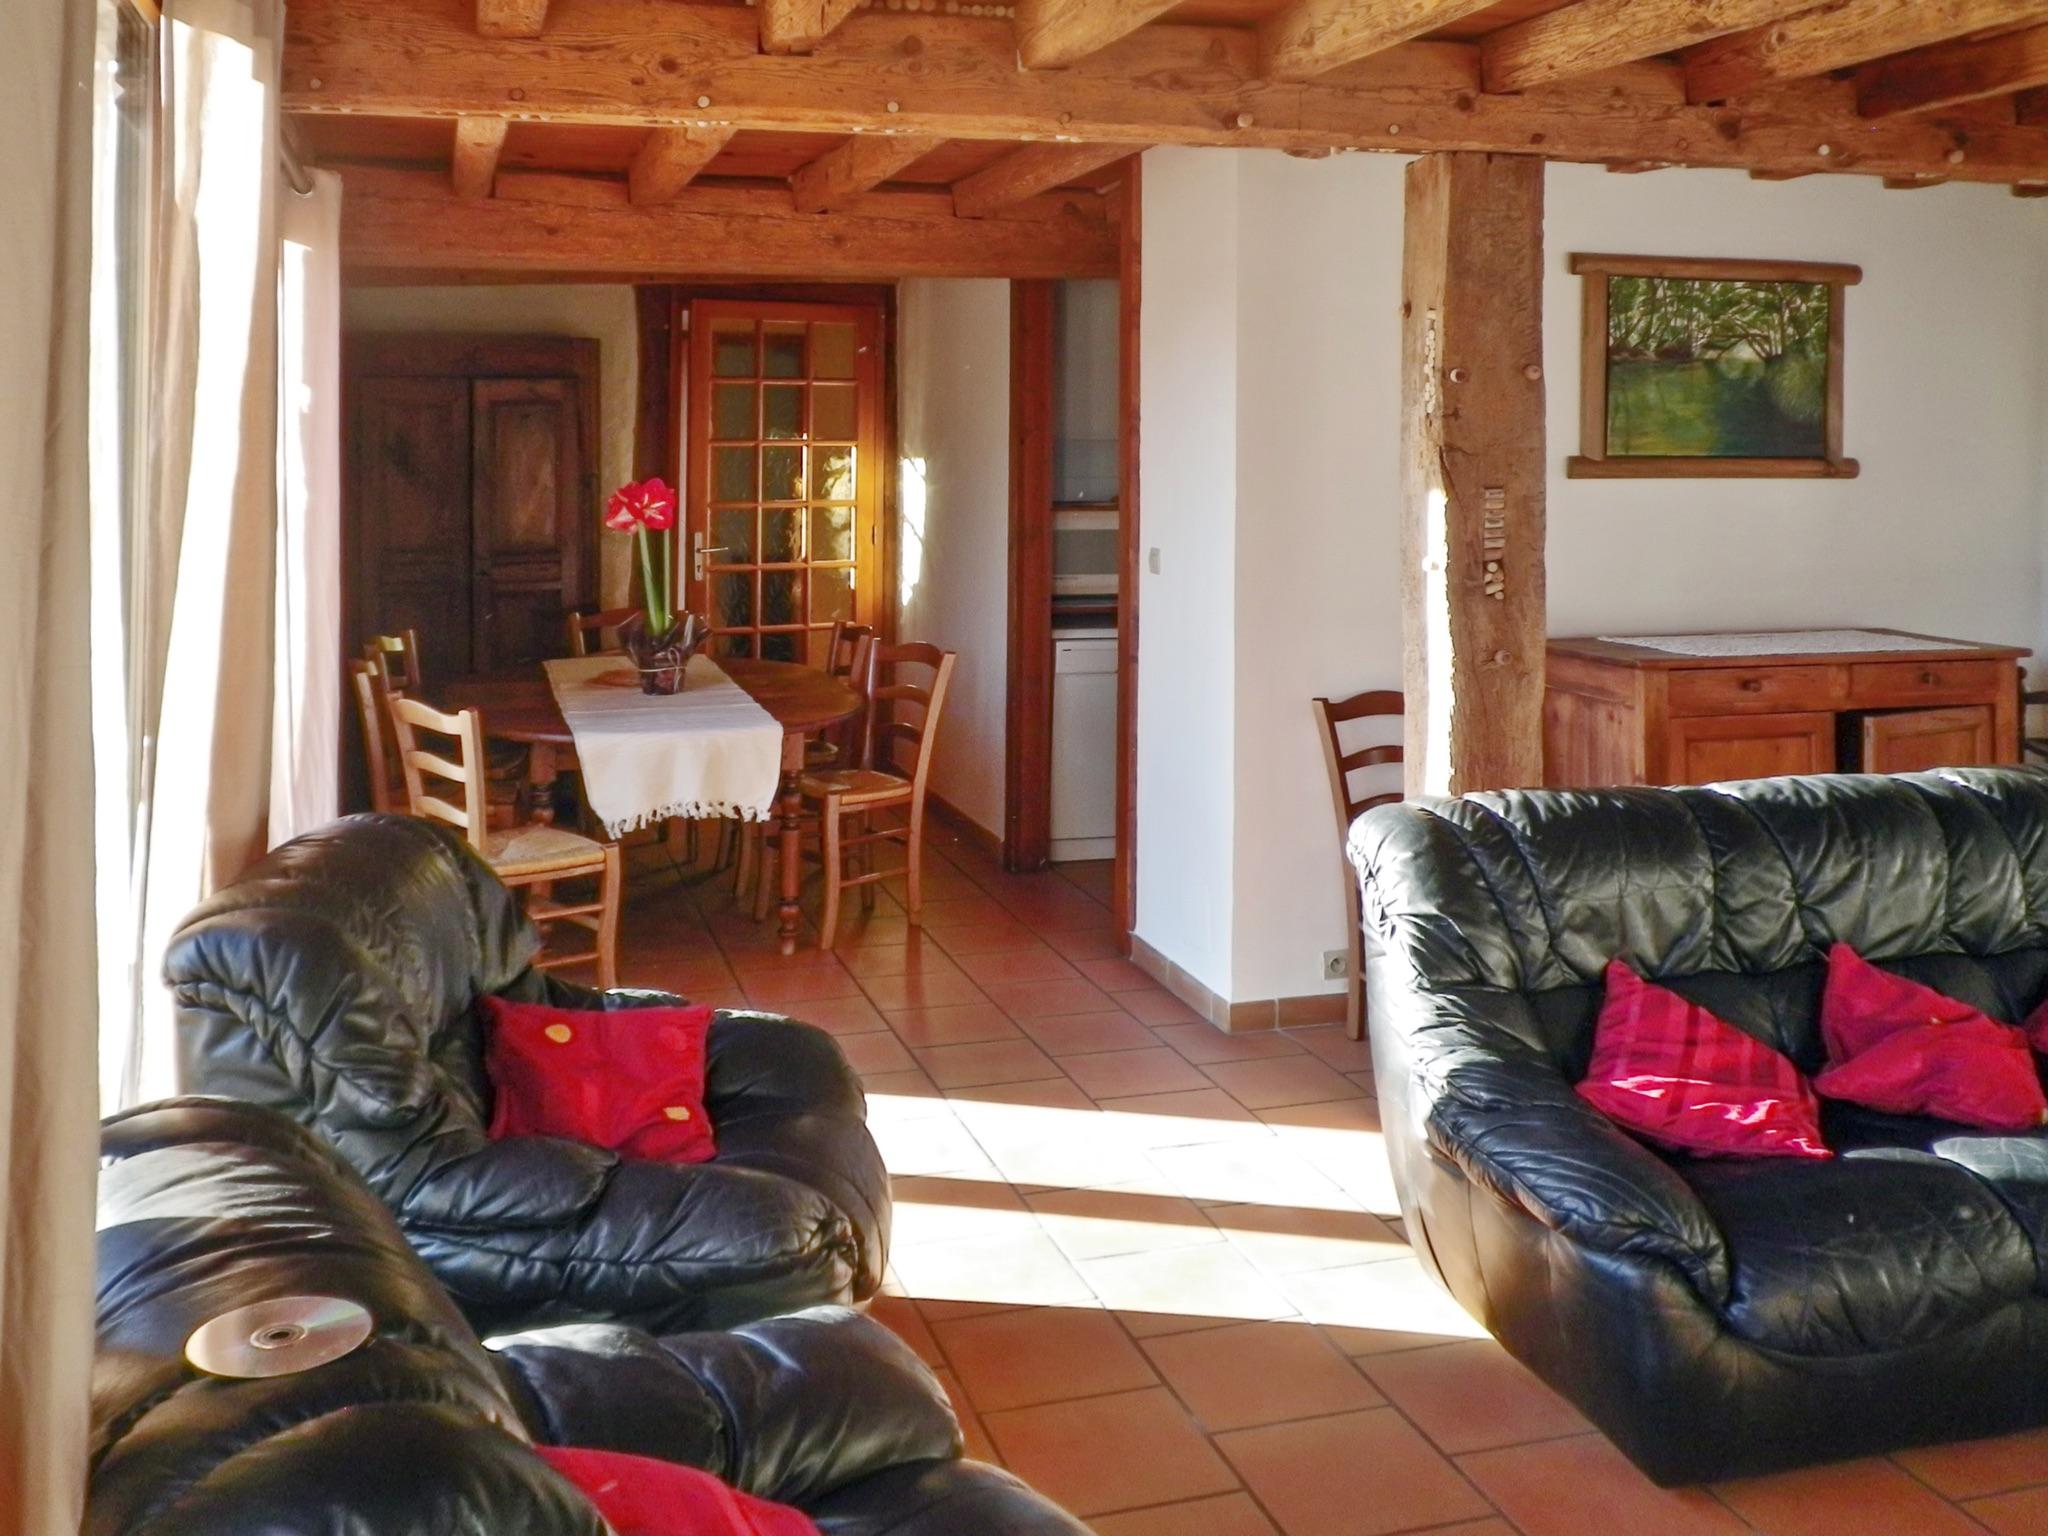 Ferienhaus Villa mit 4 Zimmern in Trensacq mit privatem Pool und möbliertem Garten - 45 km vom Strand (2202366), Trensacq, Landes, Aquitanien, Frankreich, Bild 8